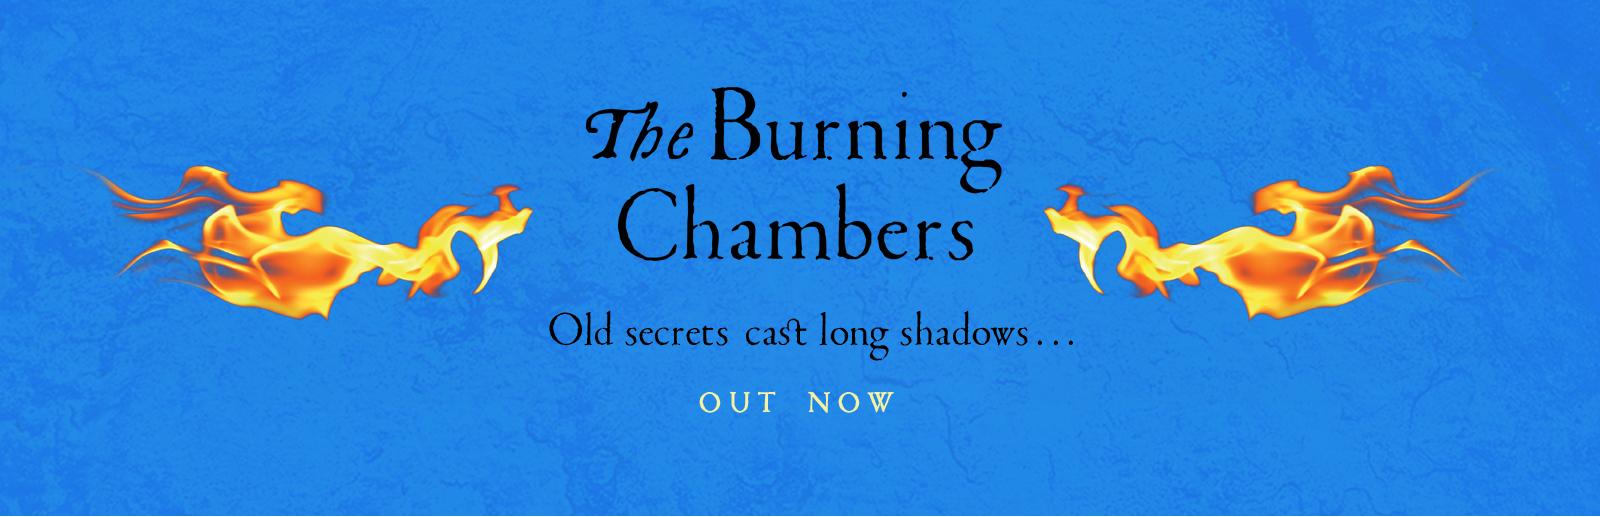 Burning Chambers Banner